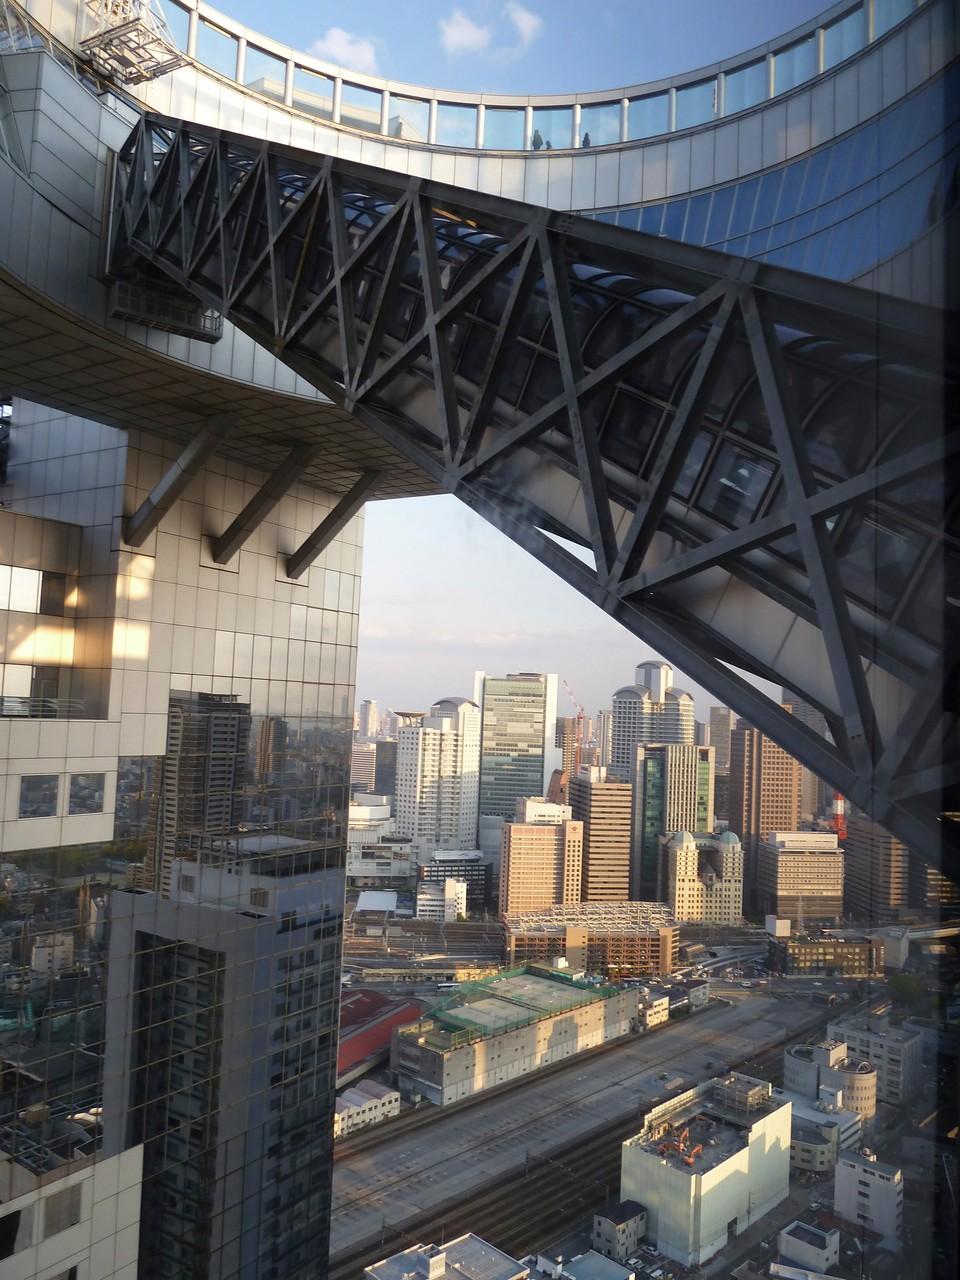 大阪市, 梅田スカイビル Ōsaka, Umeda sky building